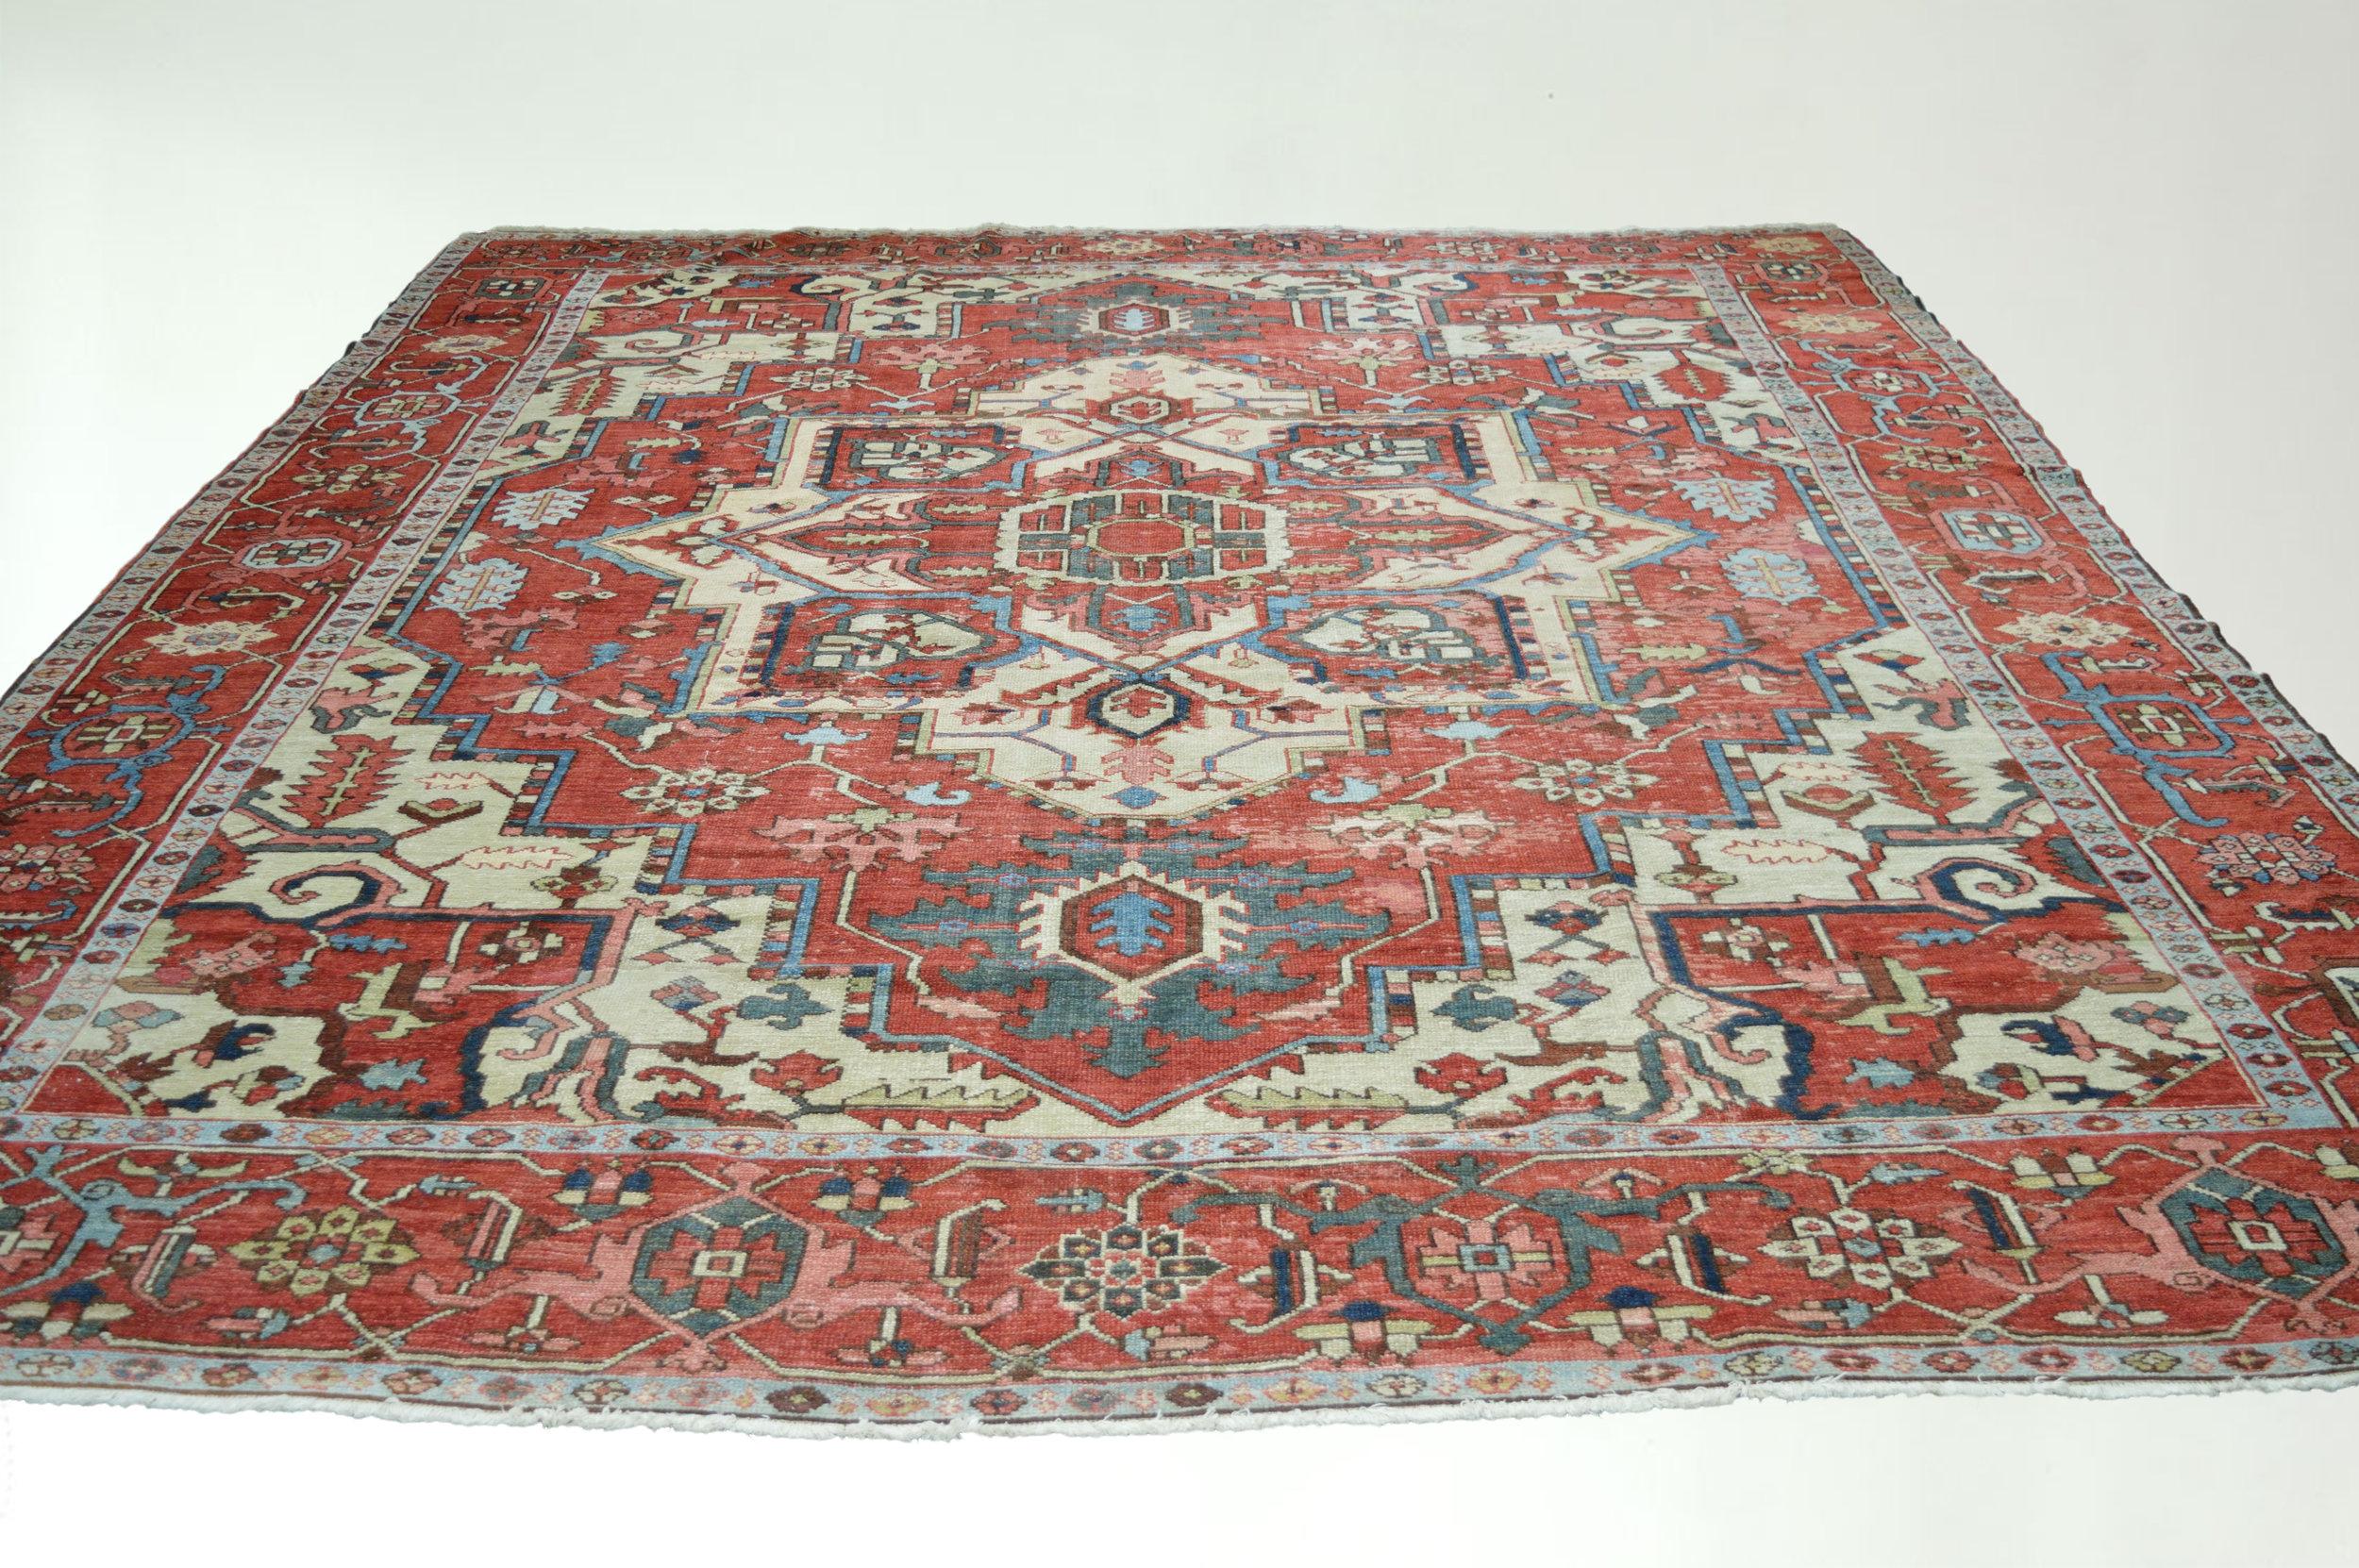 Persian Rug, Persian Carpet, Rug, Carpet, Persian Rug Hampshire, Persian Rug Wiltshire, Wiltshire, Hampshire, Rug, Carpet, Heris, Heriz